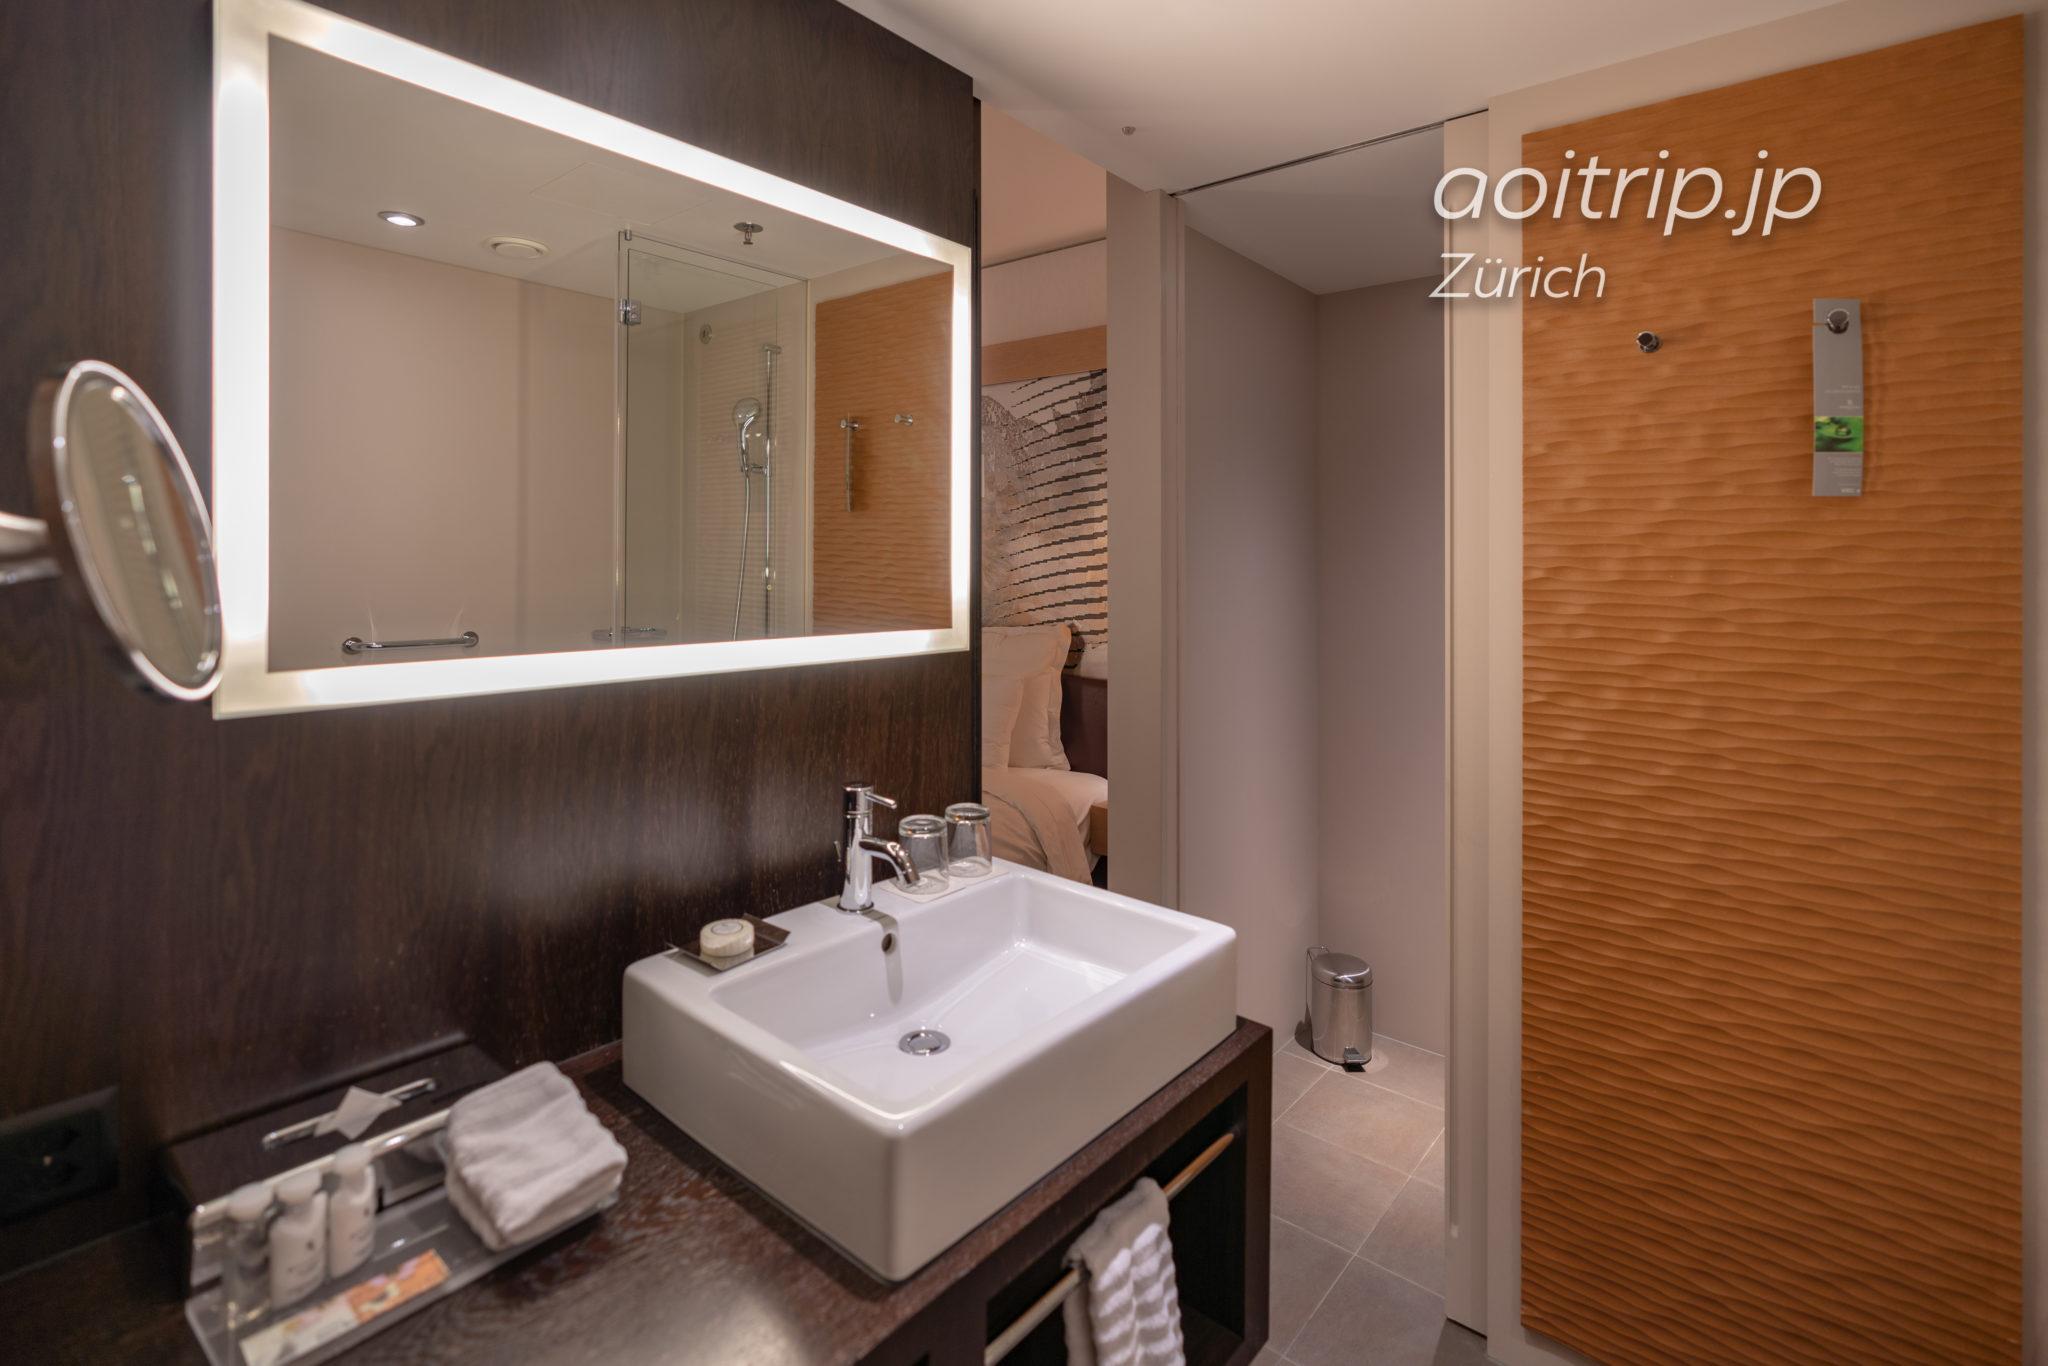 ルネッサンス チューリッヒ タワーホテルの洗面台